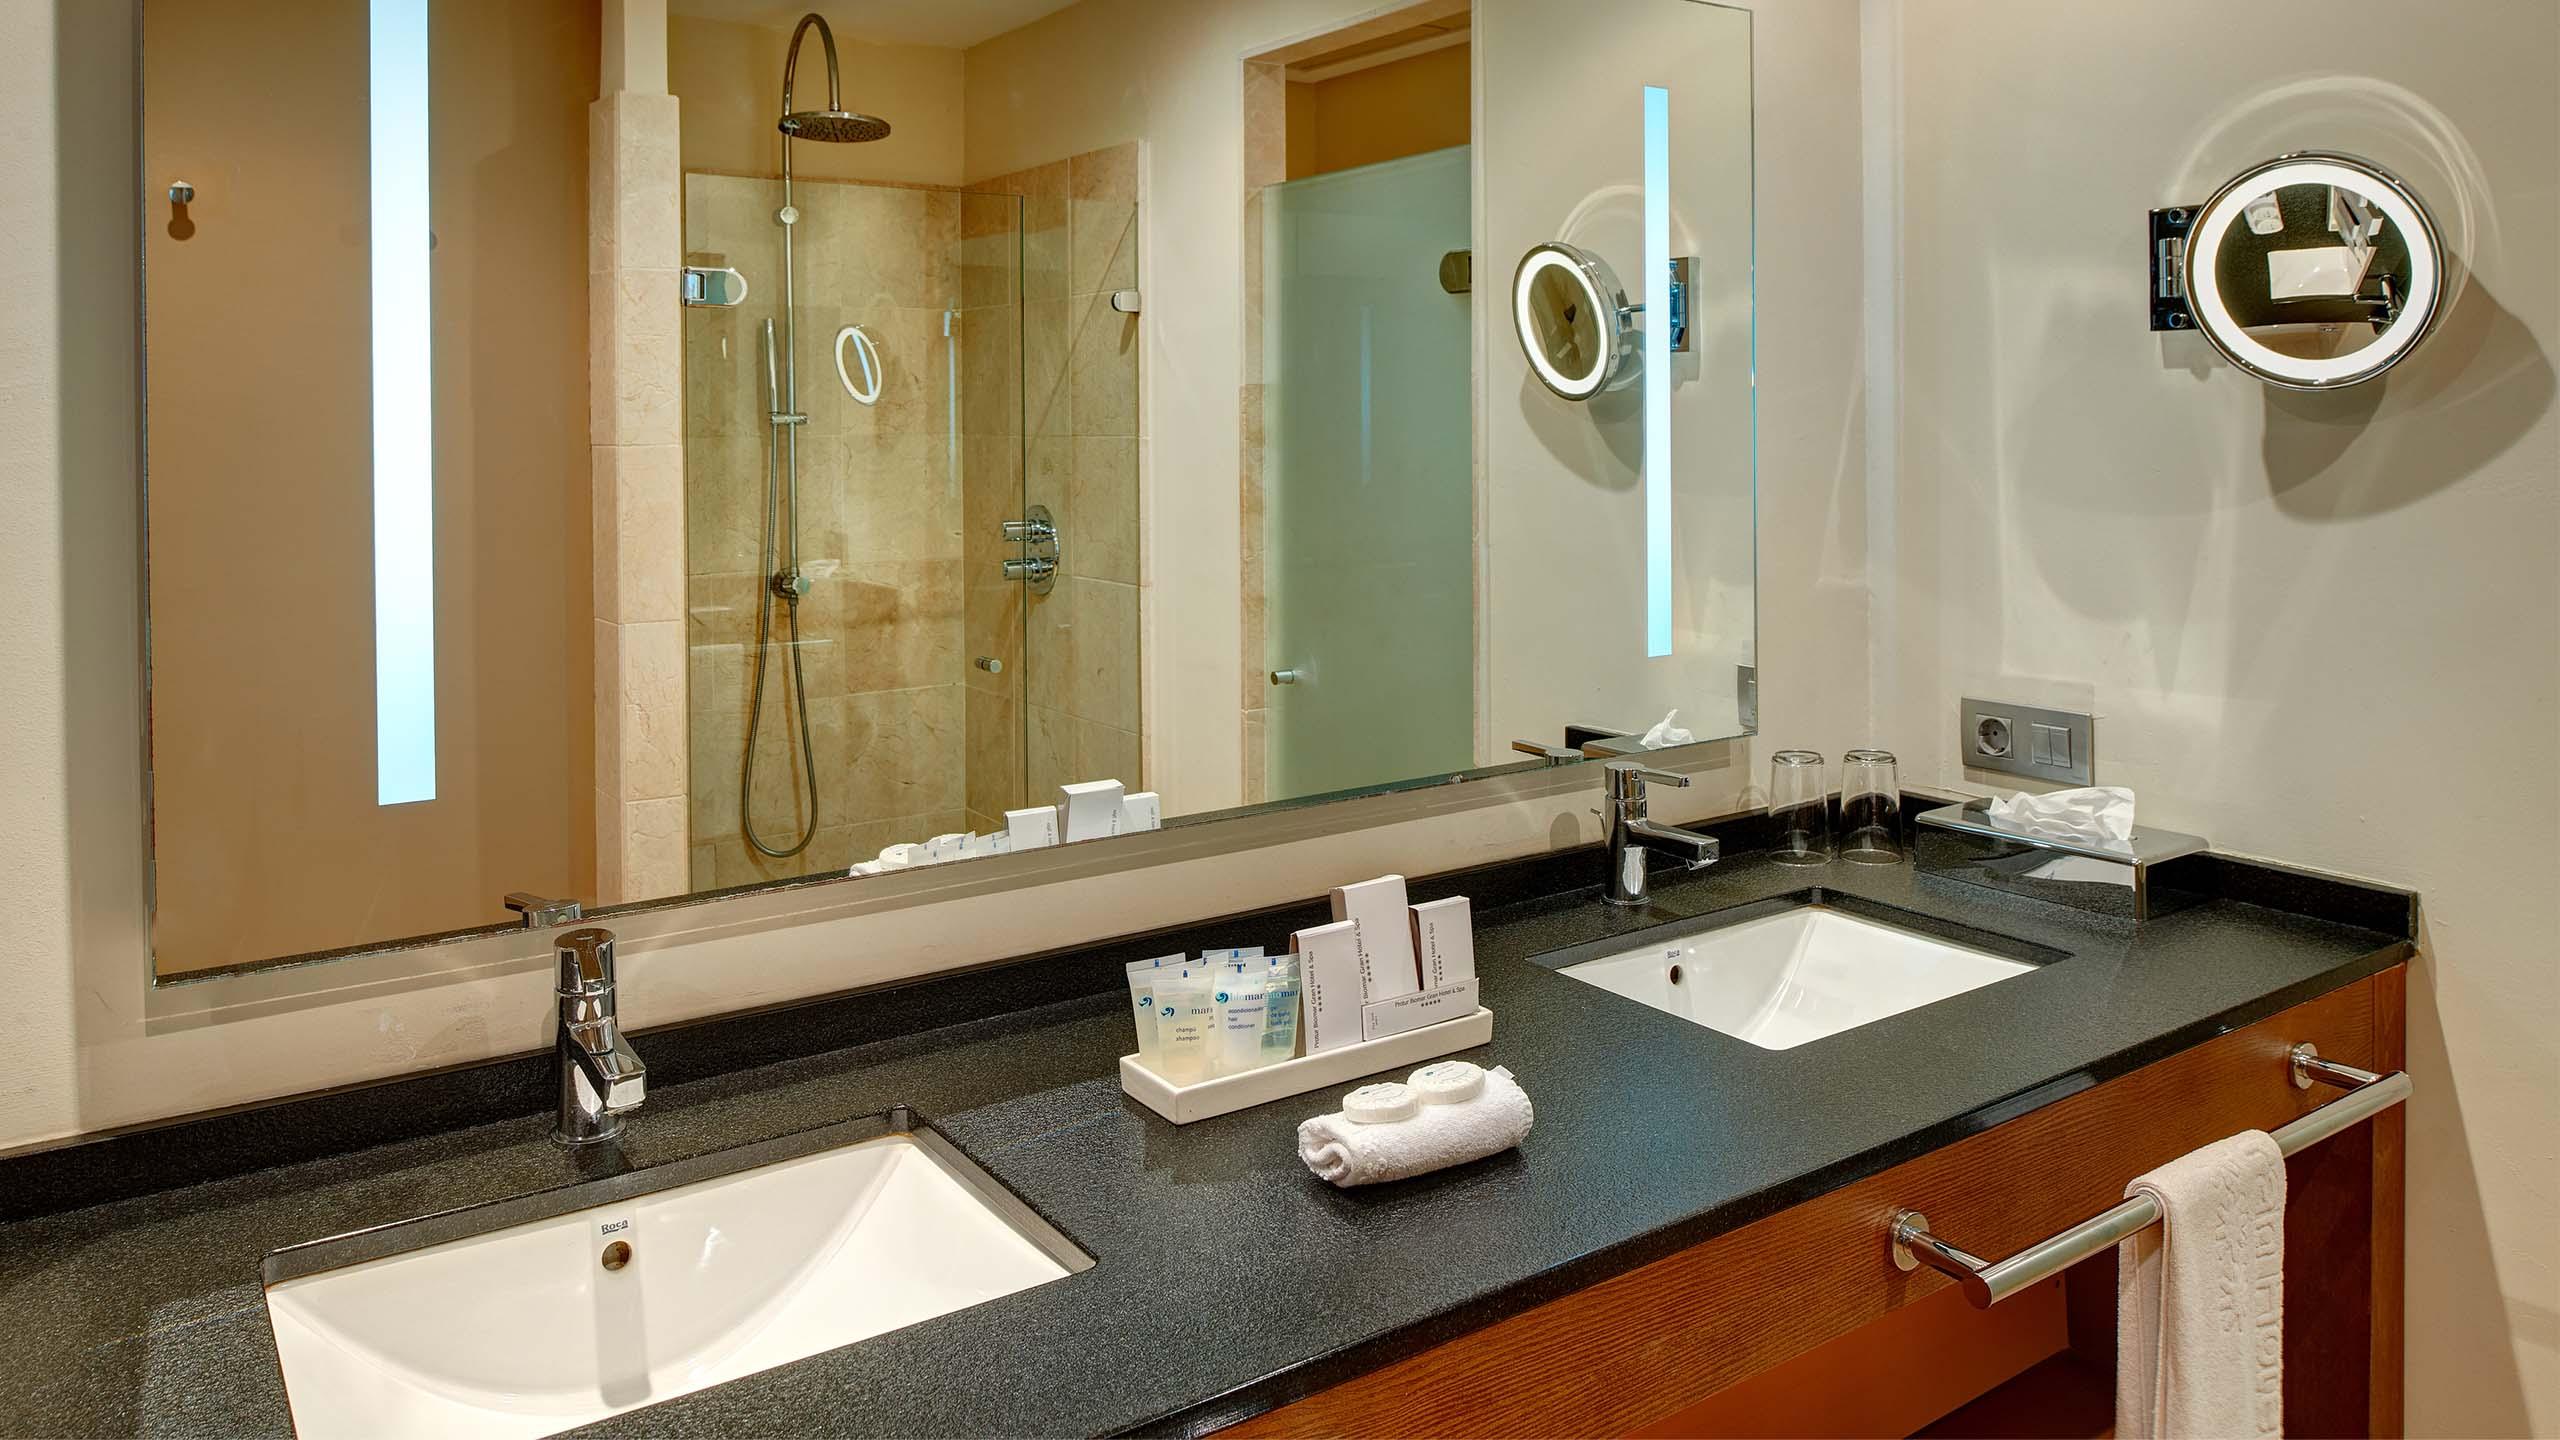 hairy russian teen bathroom by troc